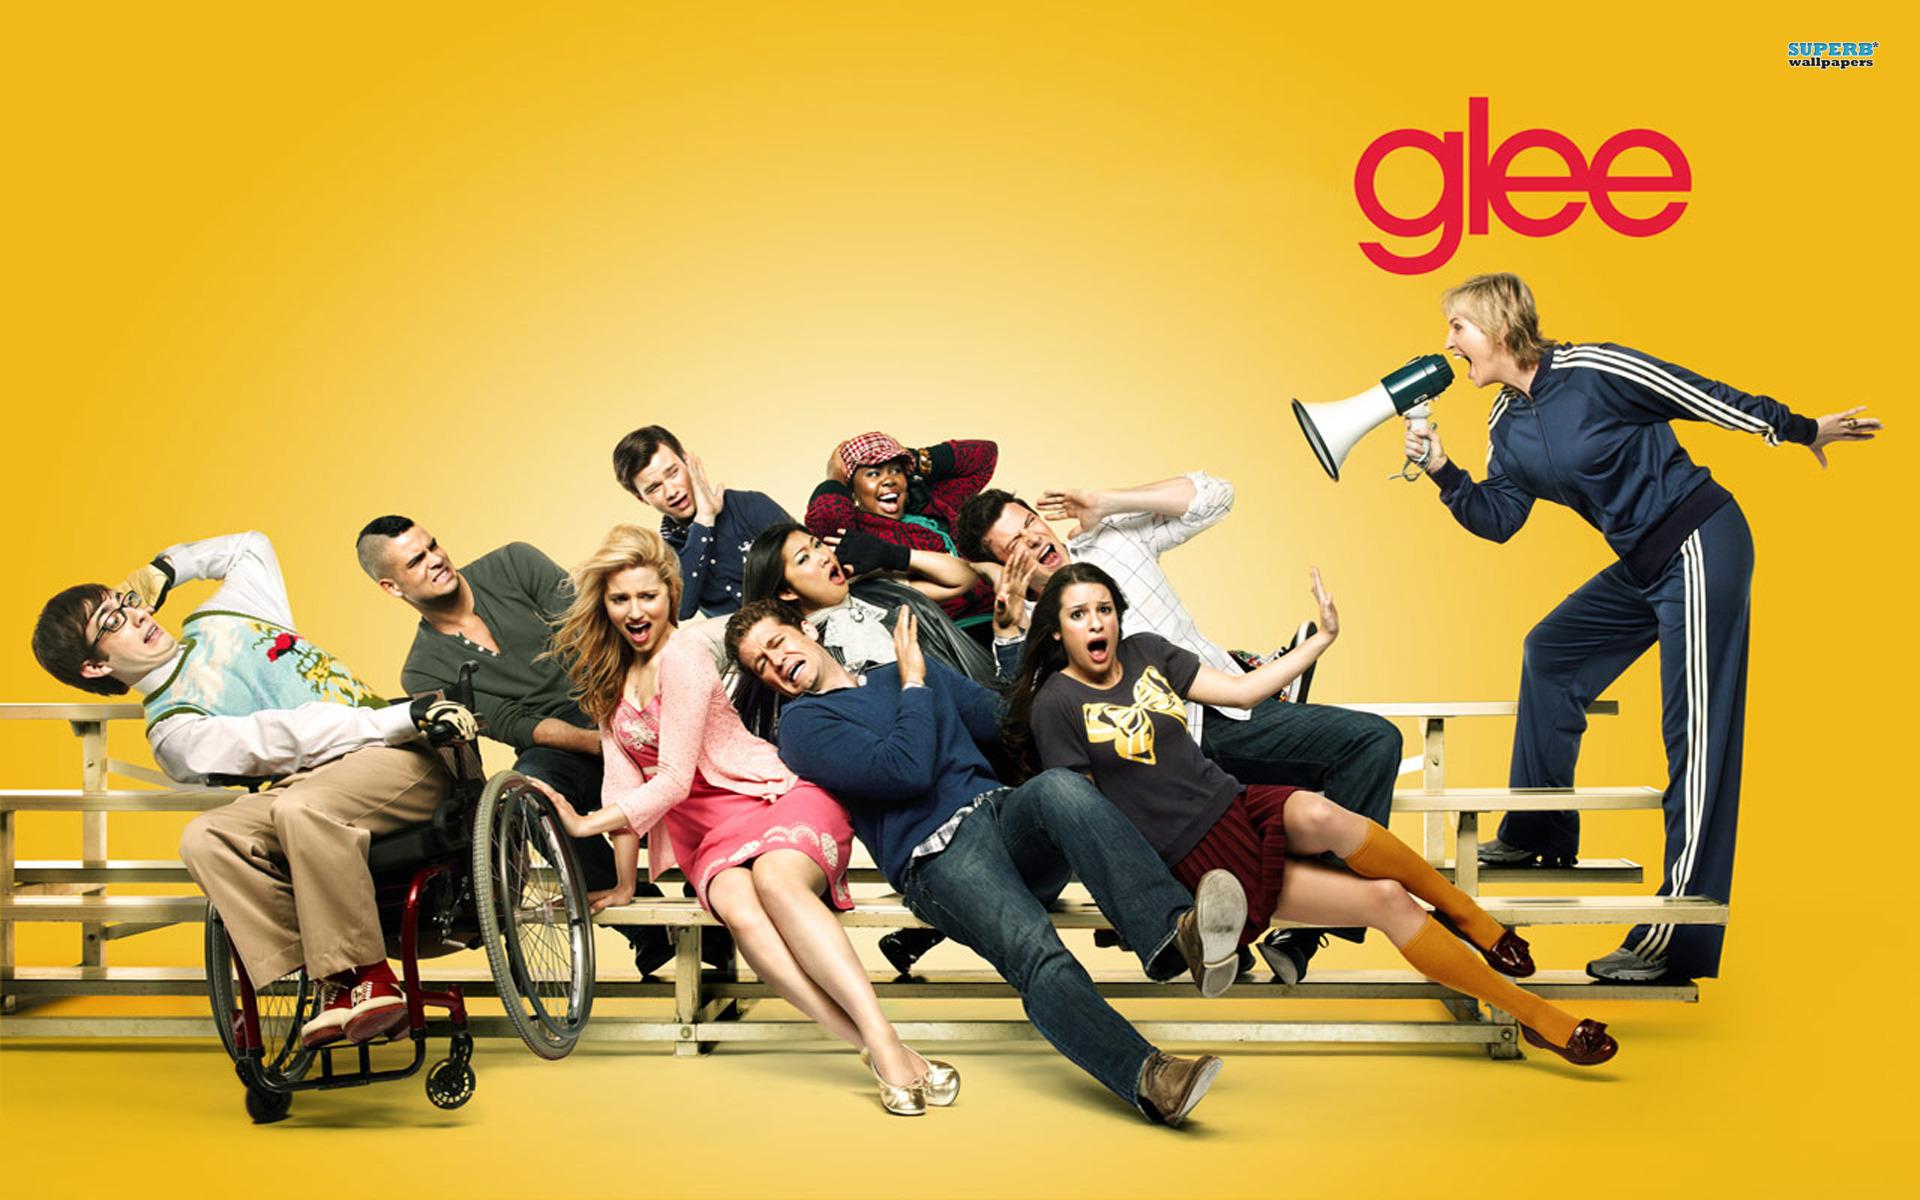 Glee-12869-1920x1200bb